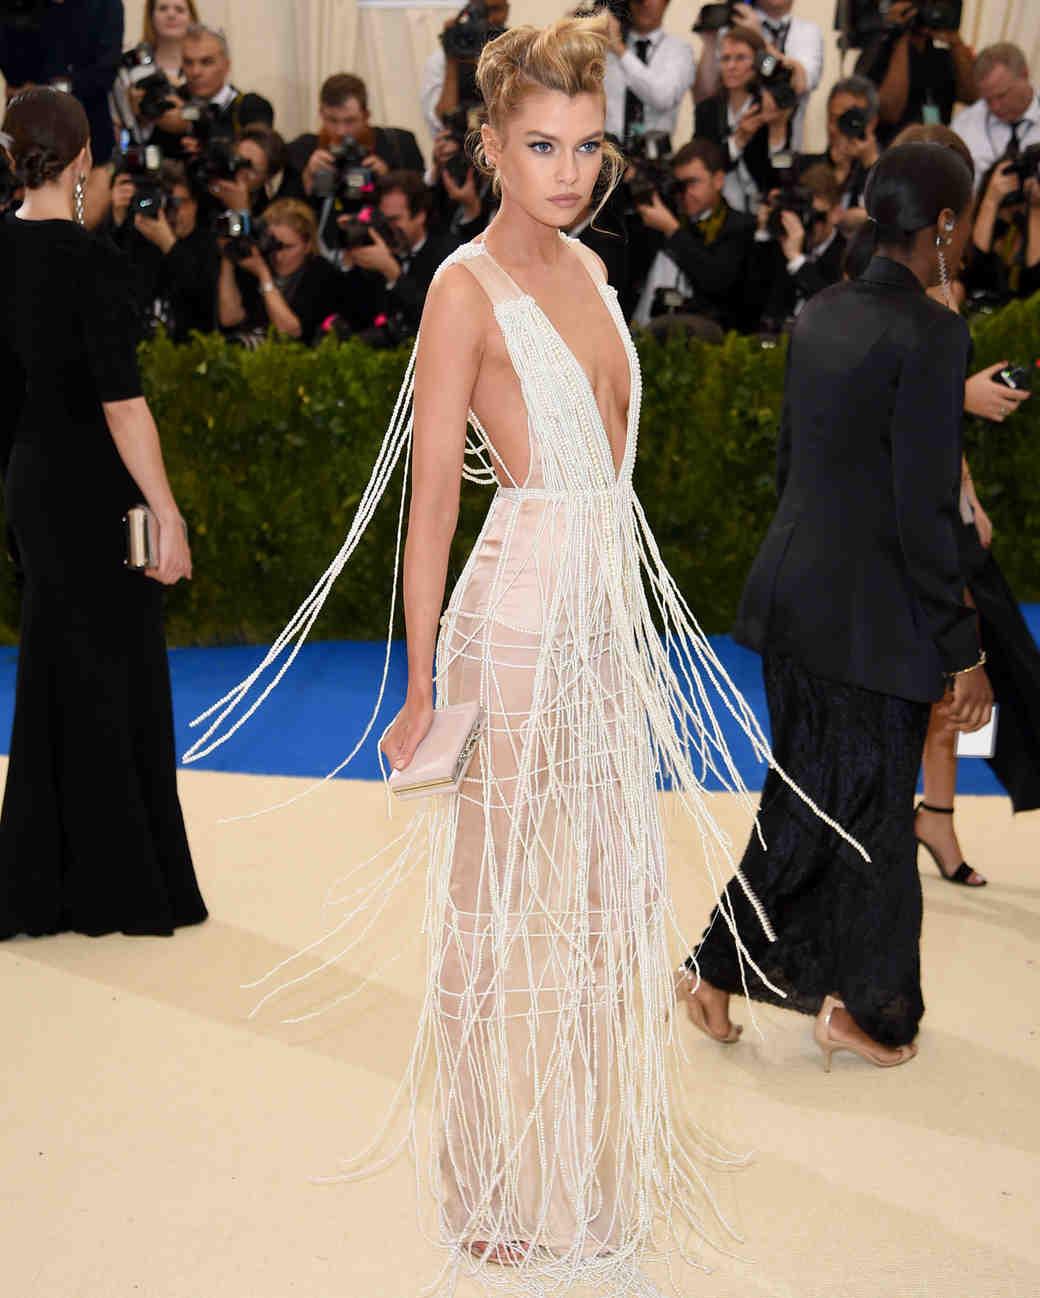 Stella Maxwell Met Gala 2017 Dress